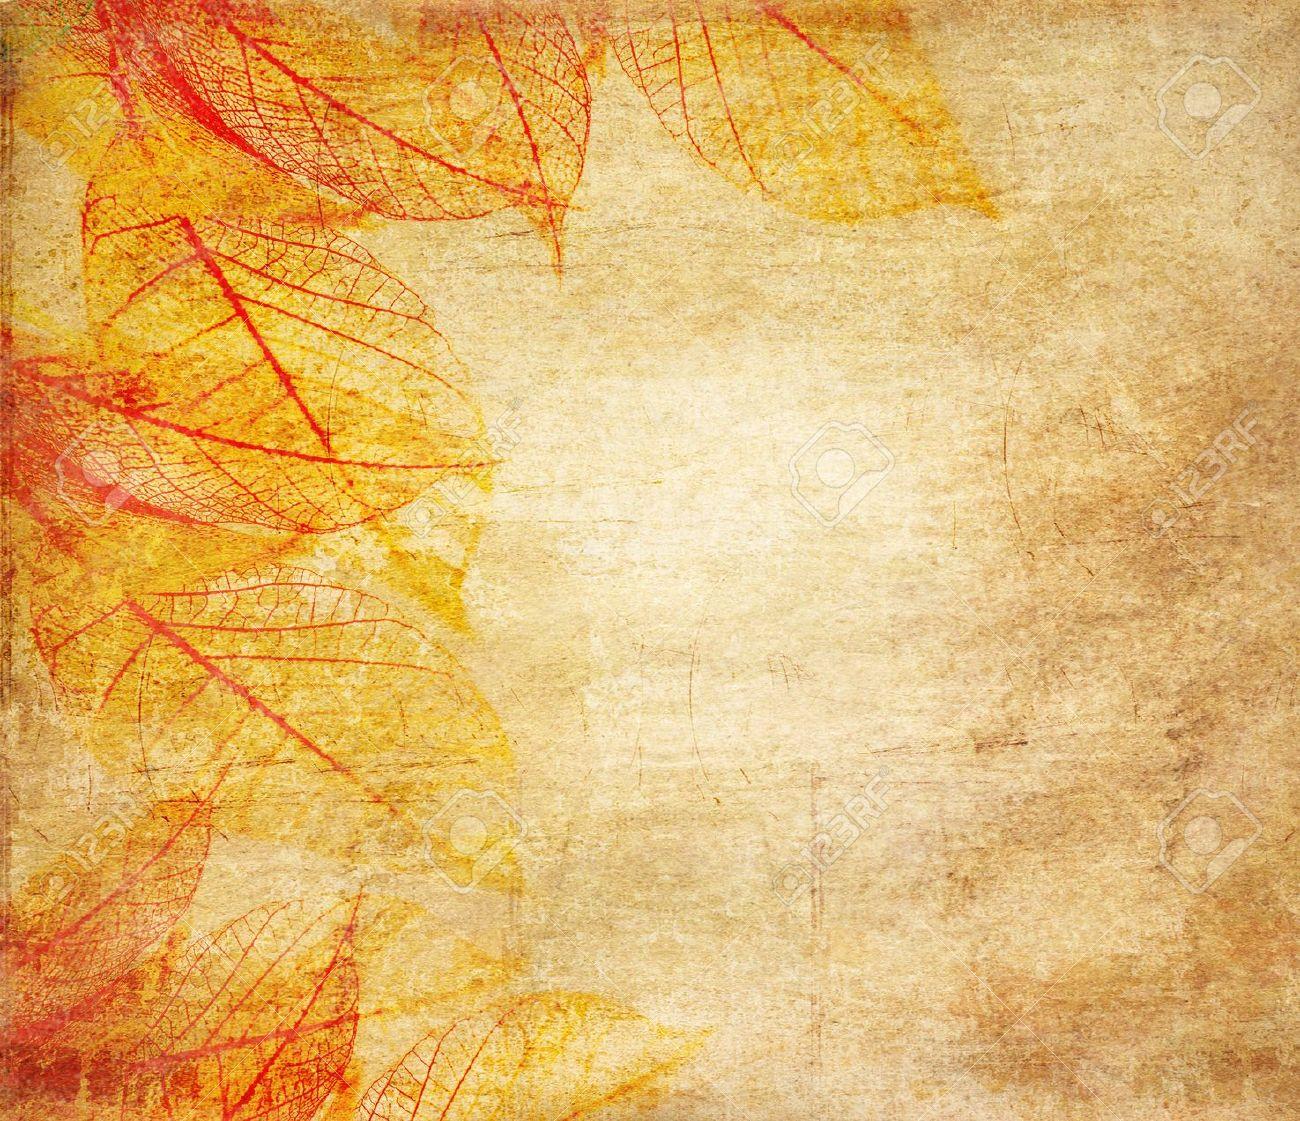 Skeleton leaves grunge  background Stock Photo - 10472286